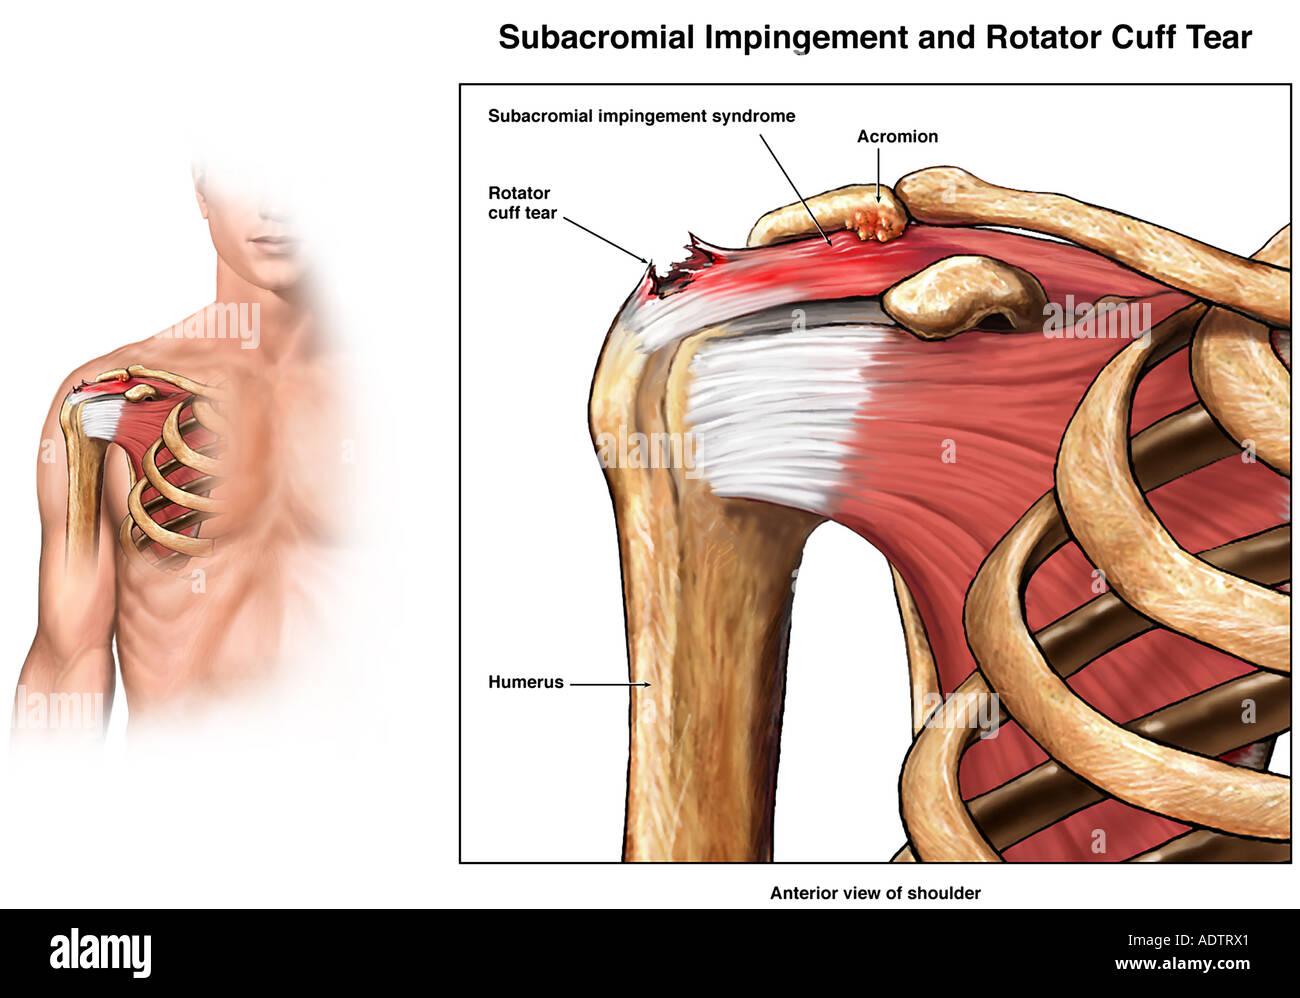 Subacromial Impingement e della cuffia dei rotatori lesione di strappo della  spalla Immagini Stock fd03e5778350